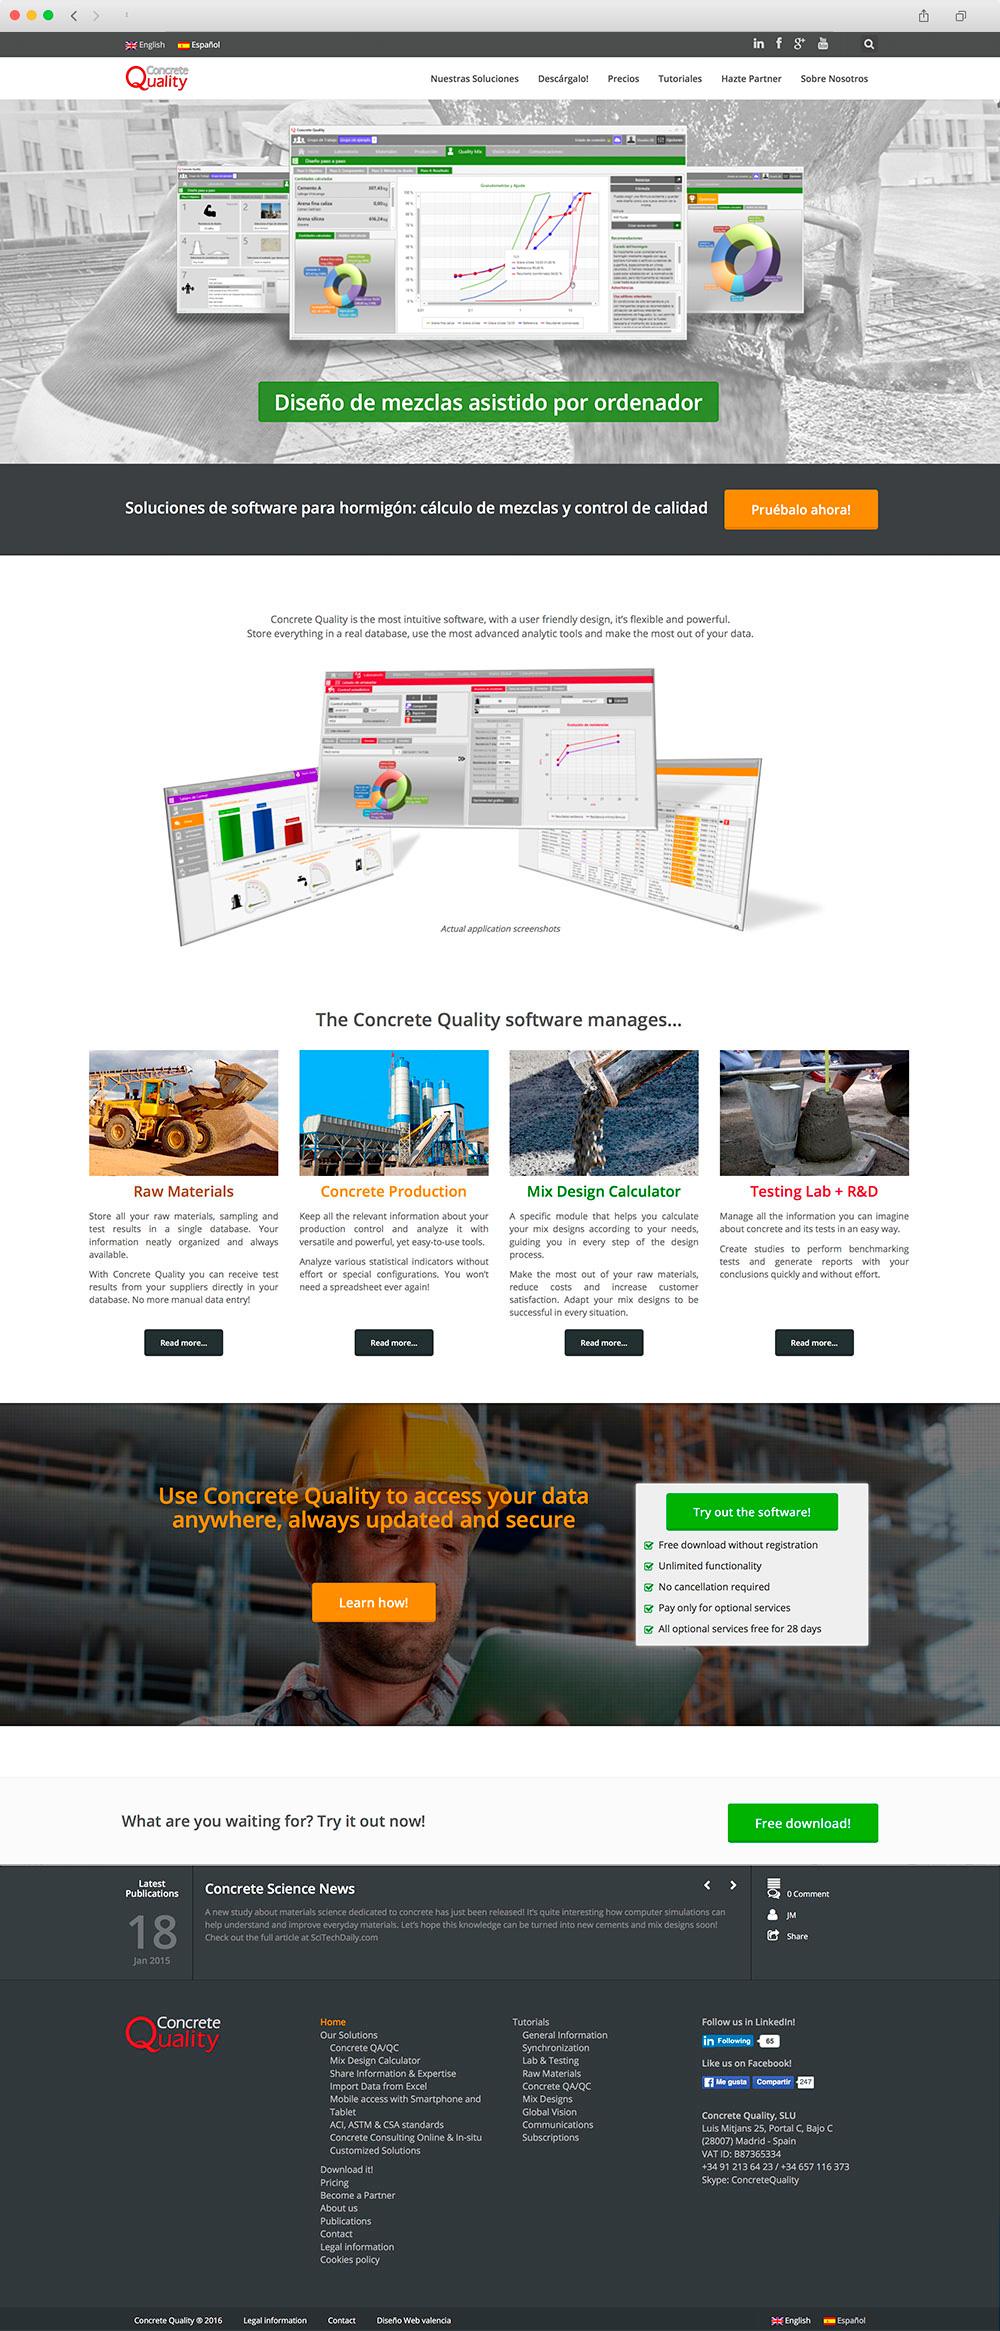 Diseño de portal Web presencial para una empresa especializada en tecnología relacionada a la industria del hormigón.